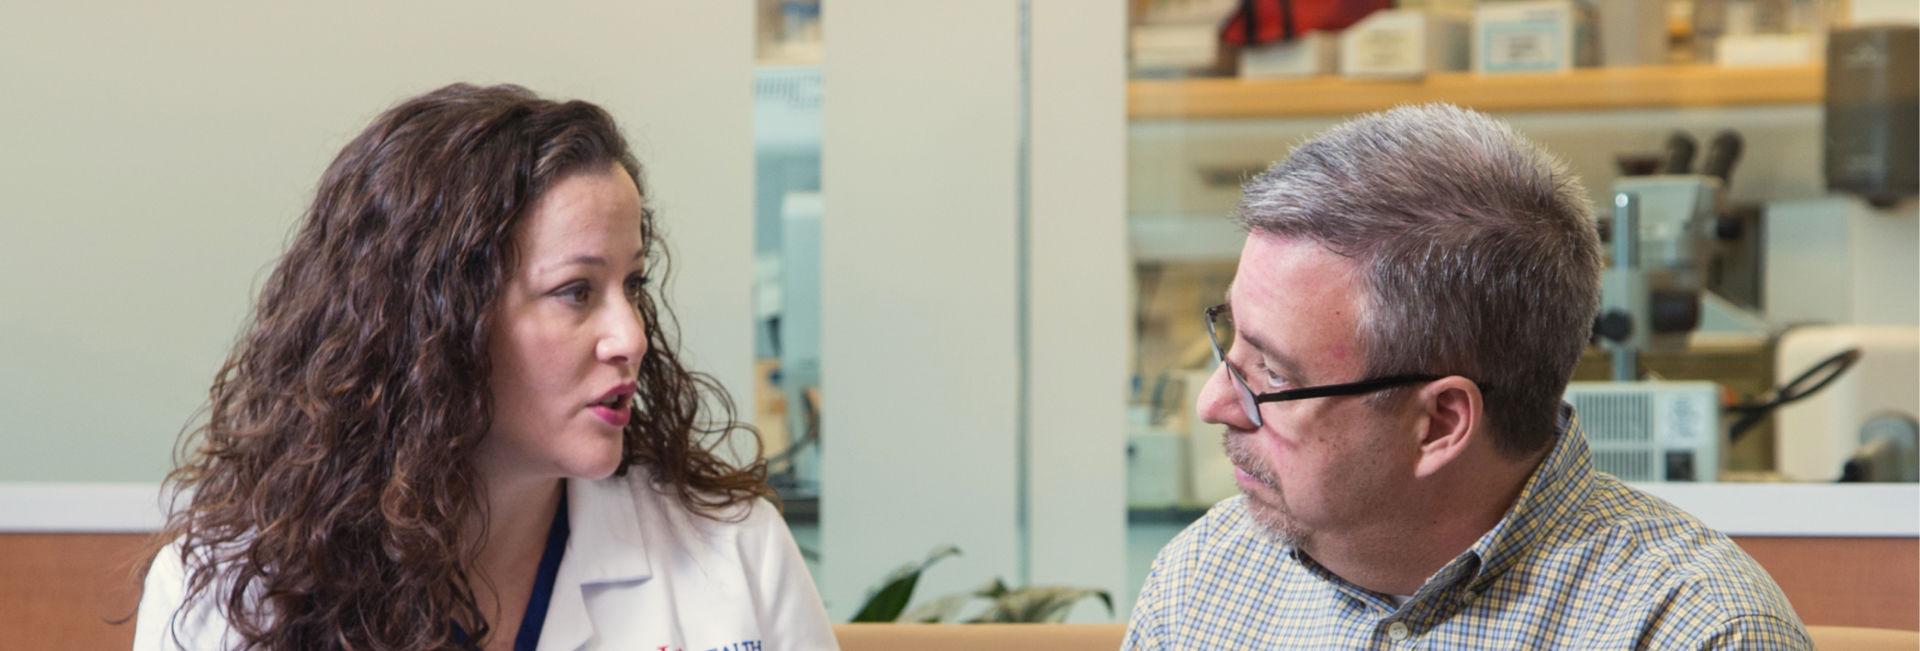 Clinical Trials at USA Health